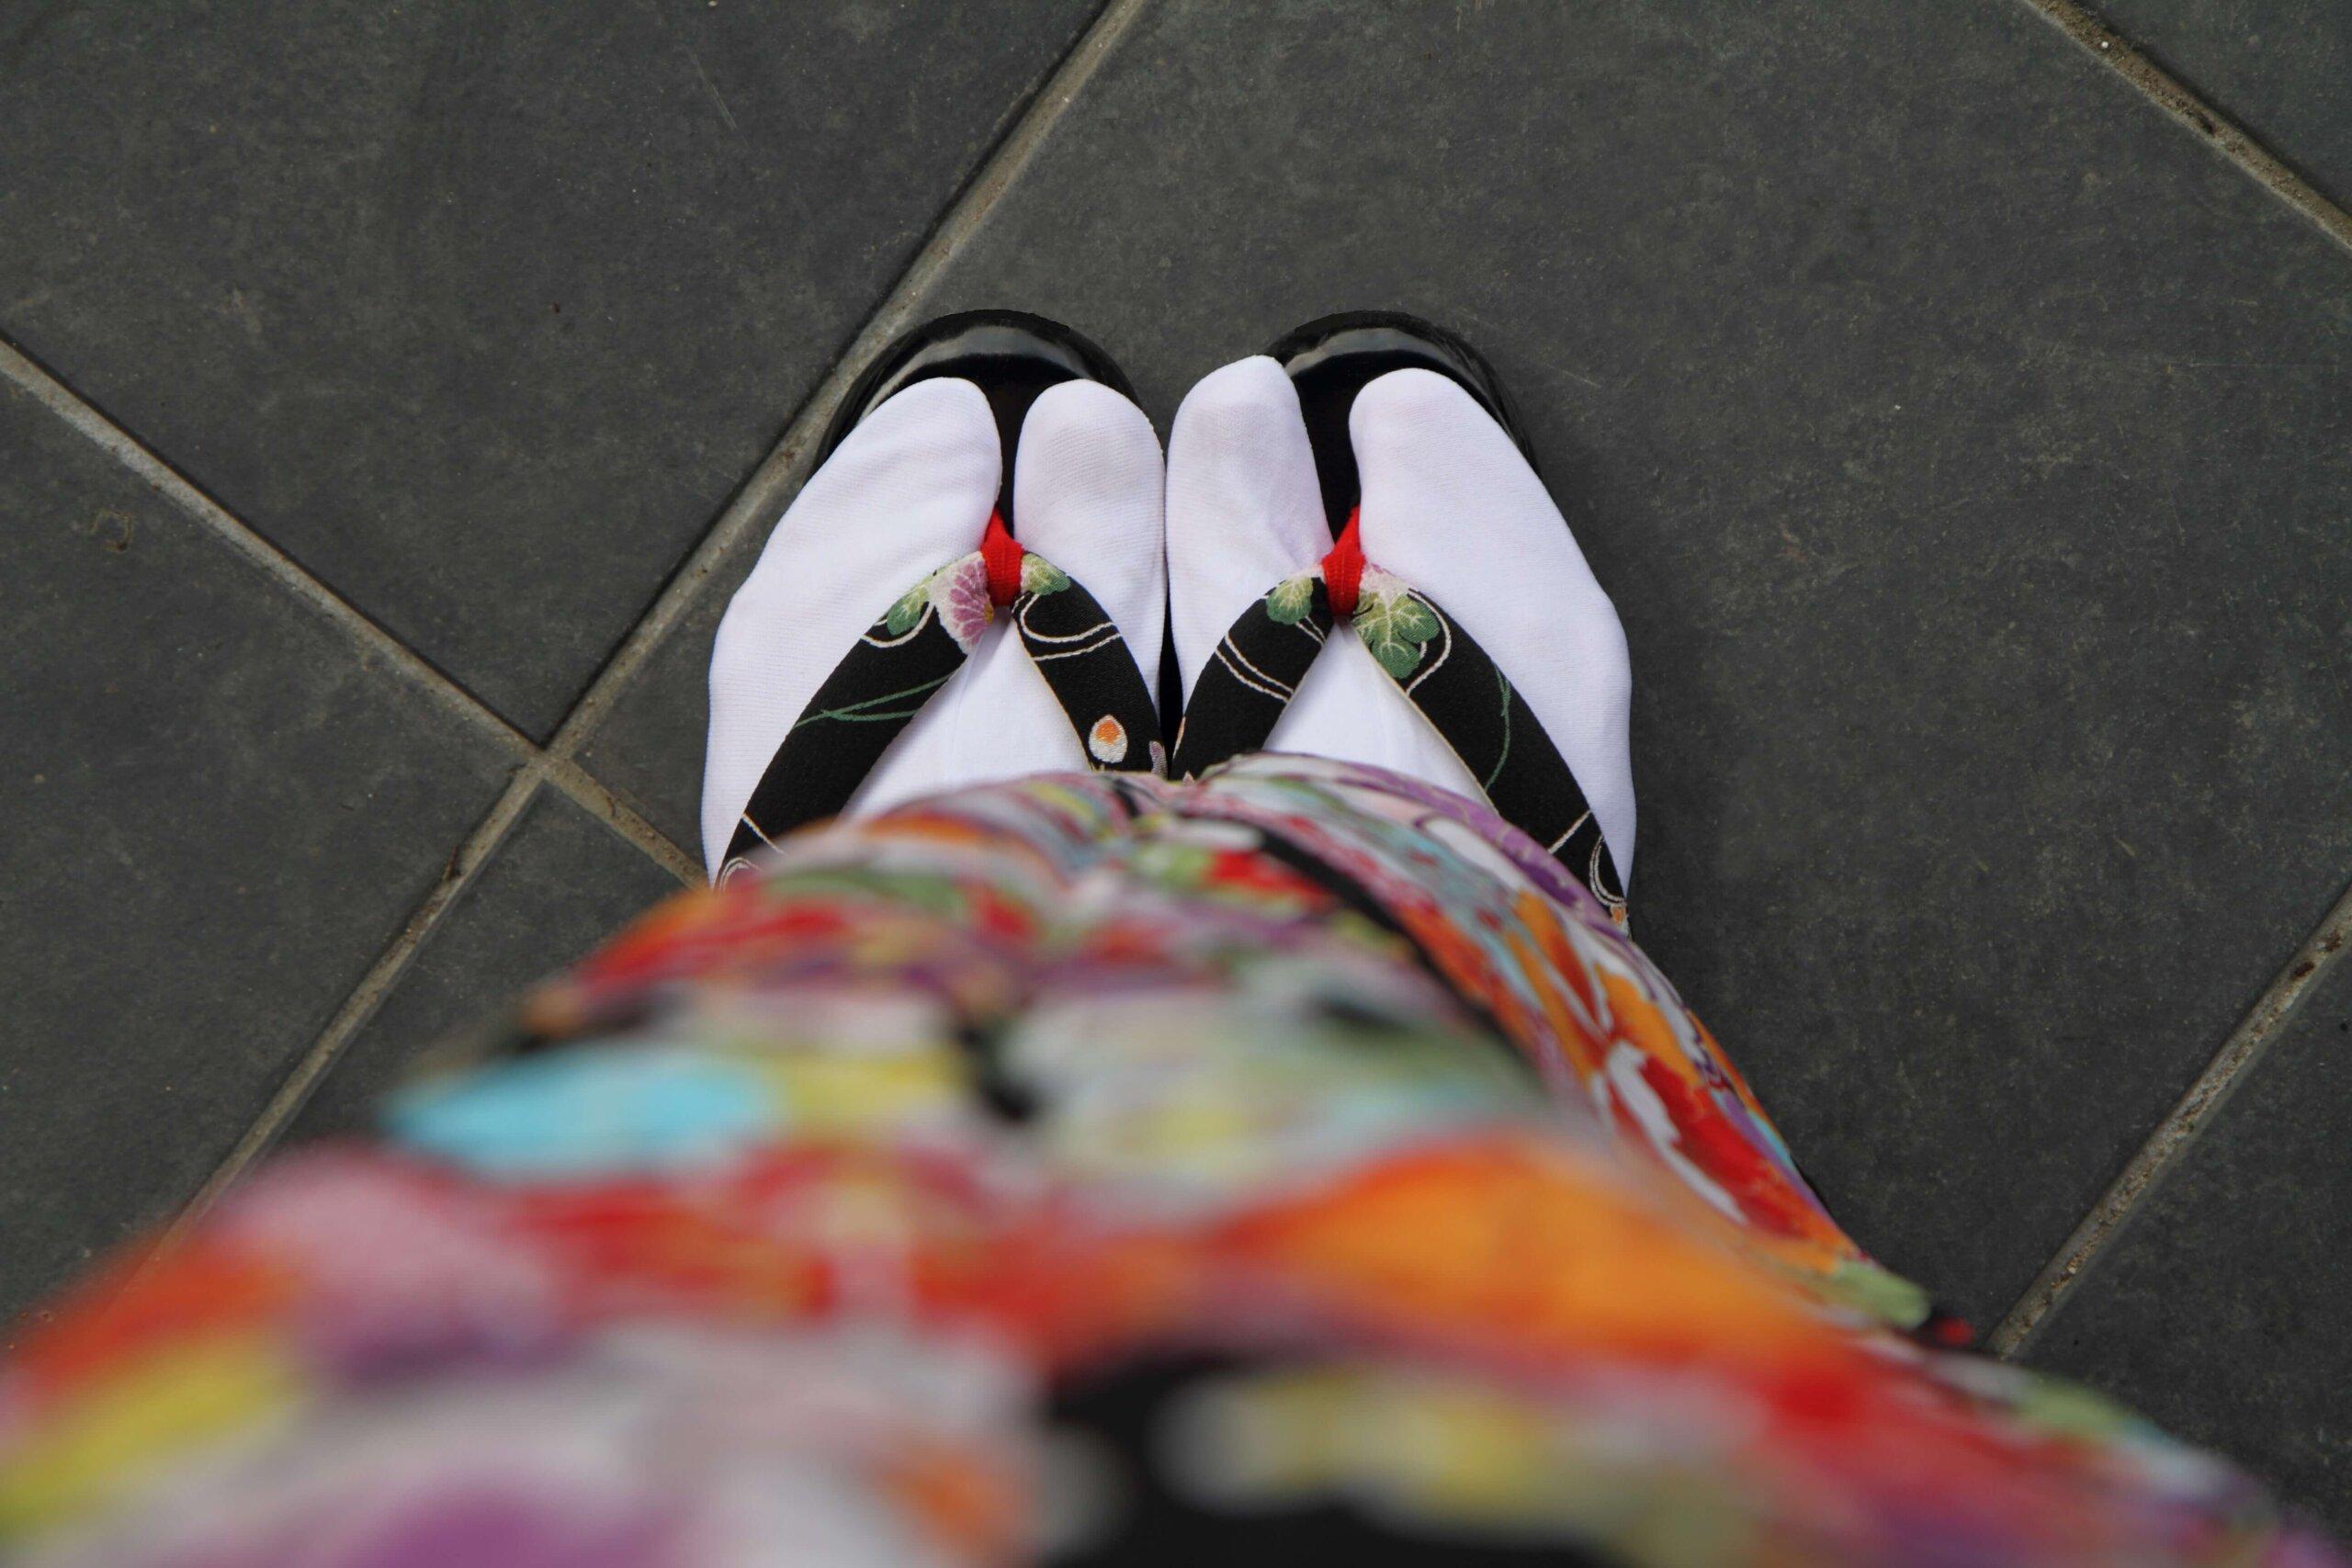 【女子向け】成人式写真の服装選びまとめ|振袖とドレスの選び方ポイント